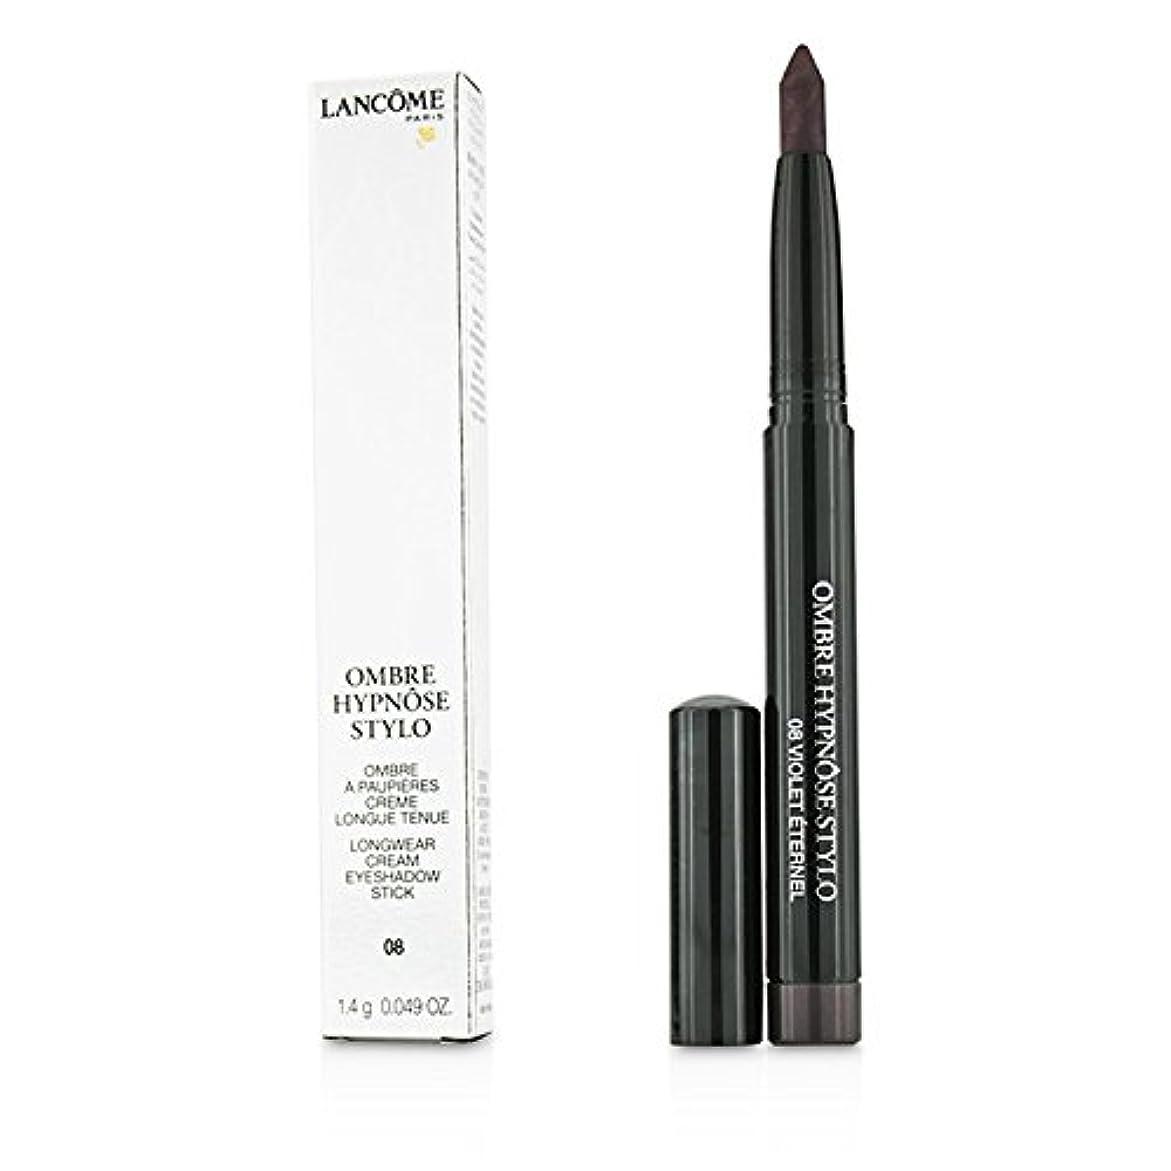 統計的物思いにふける協力的ランコム Ombre Hypnose Stylo Longwear Cream Eyeshadow Stick - # 08 Violet Eternel 1.4g/0.049oz並行輸入品